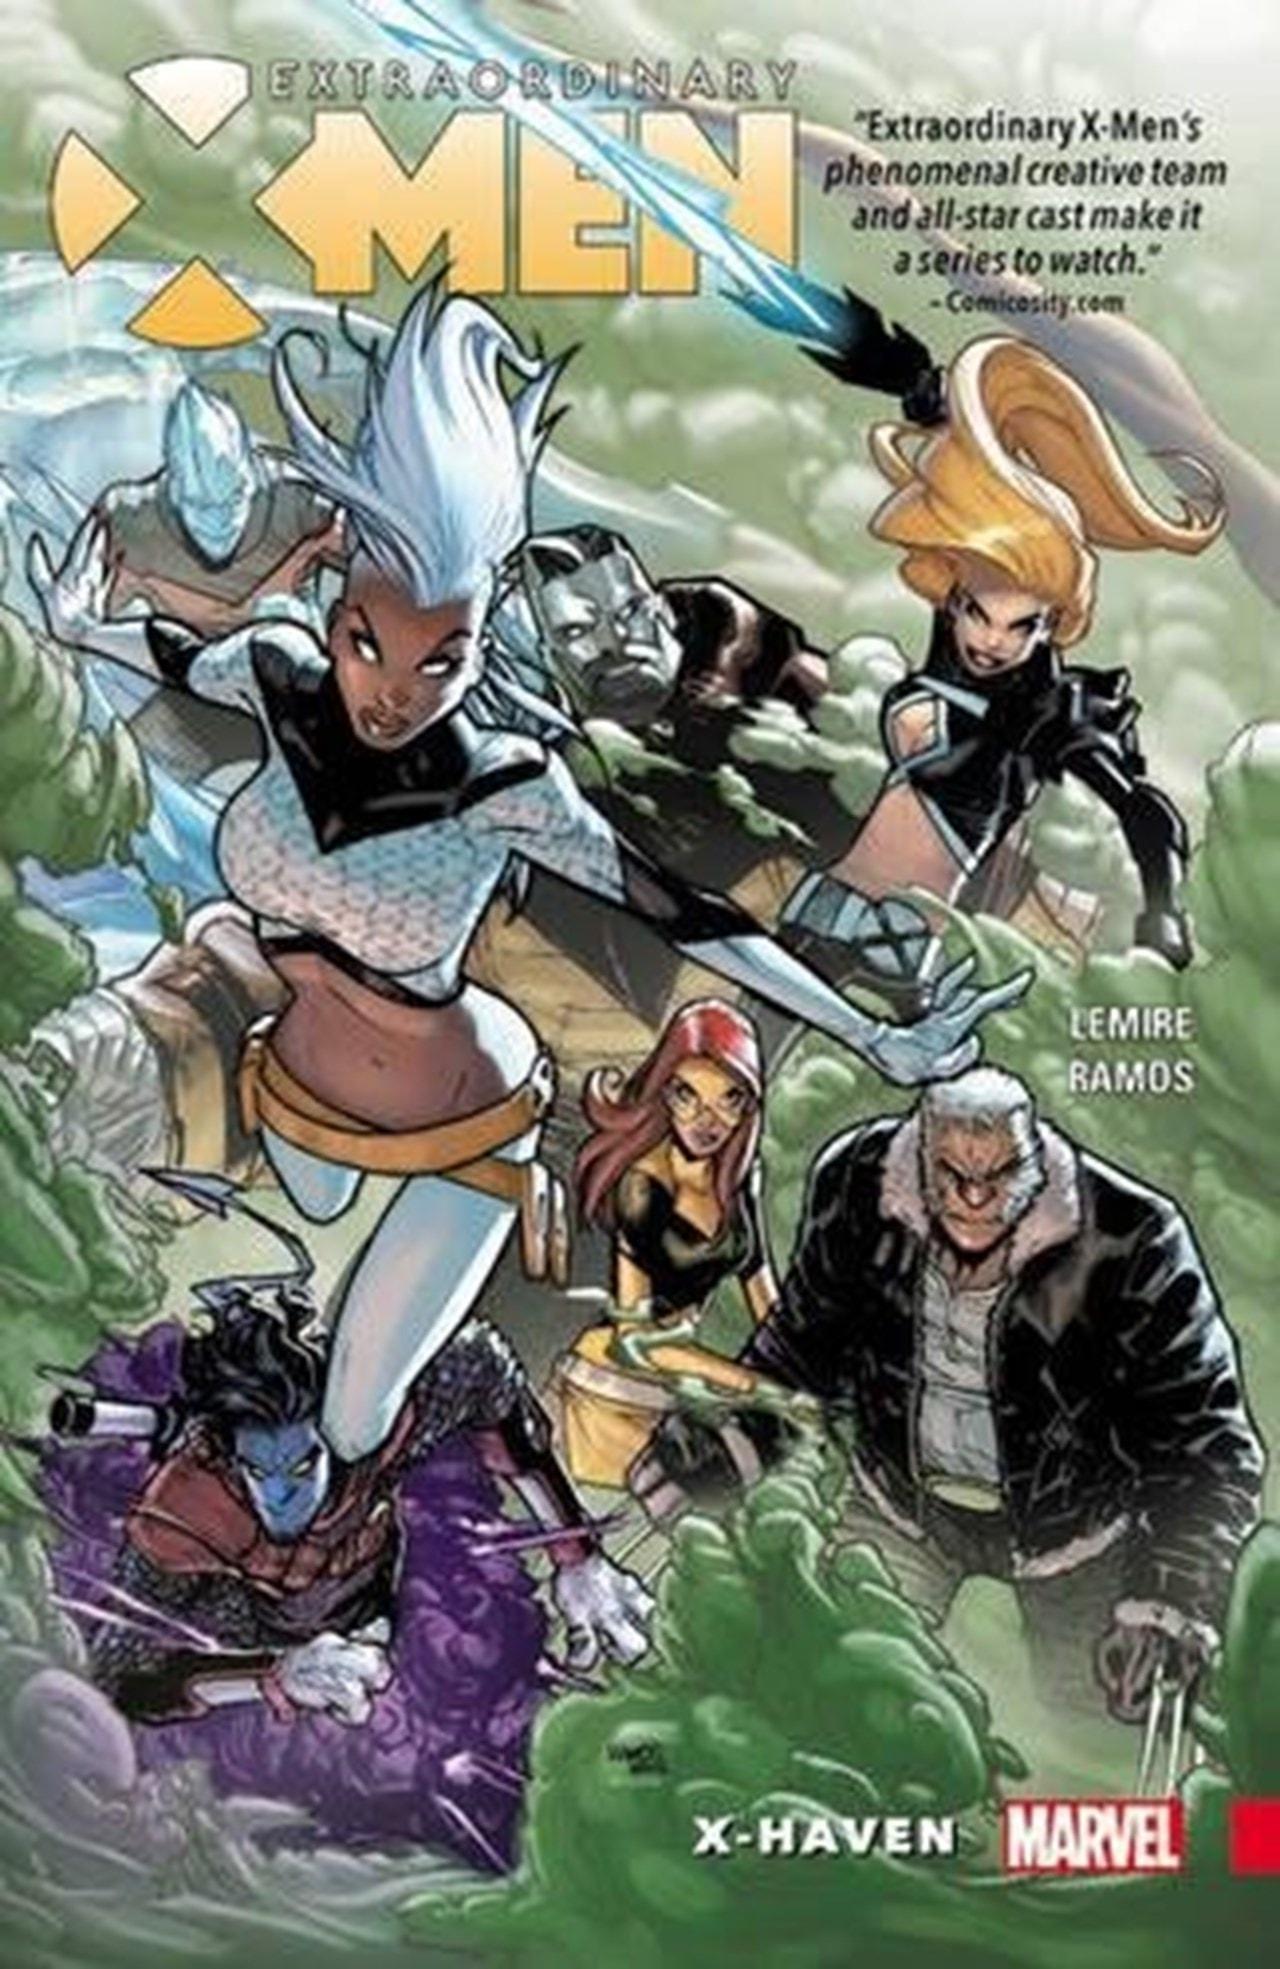 Extraordinary X-Men Vol. 1: X-Haven - 1